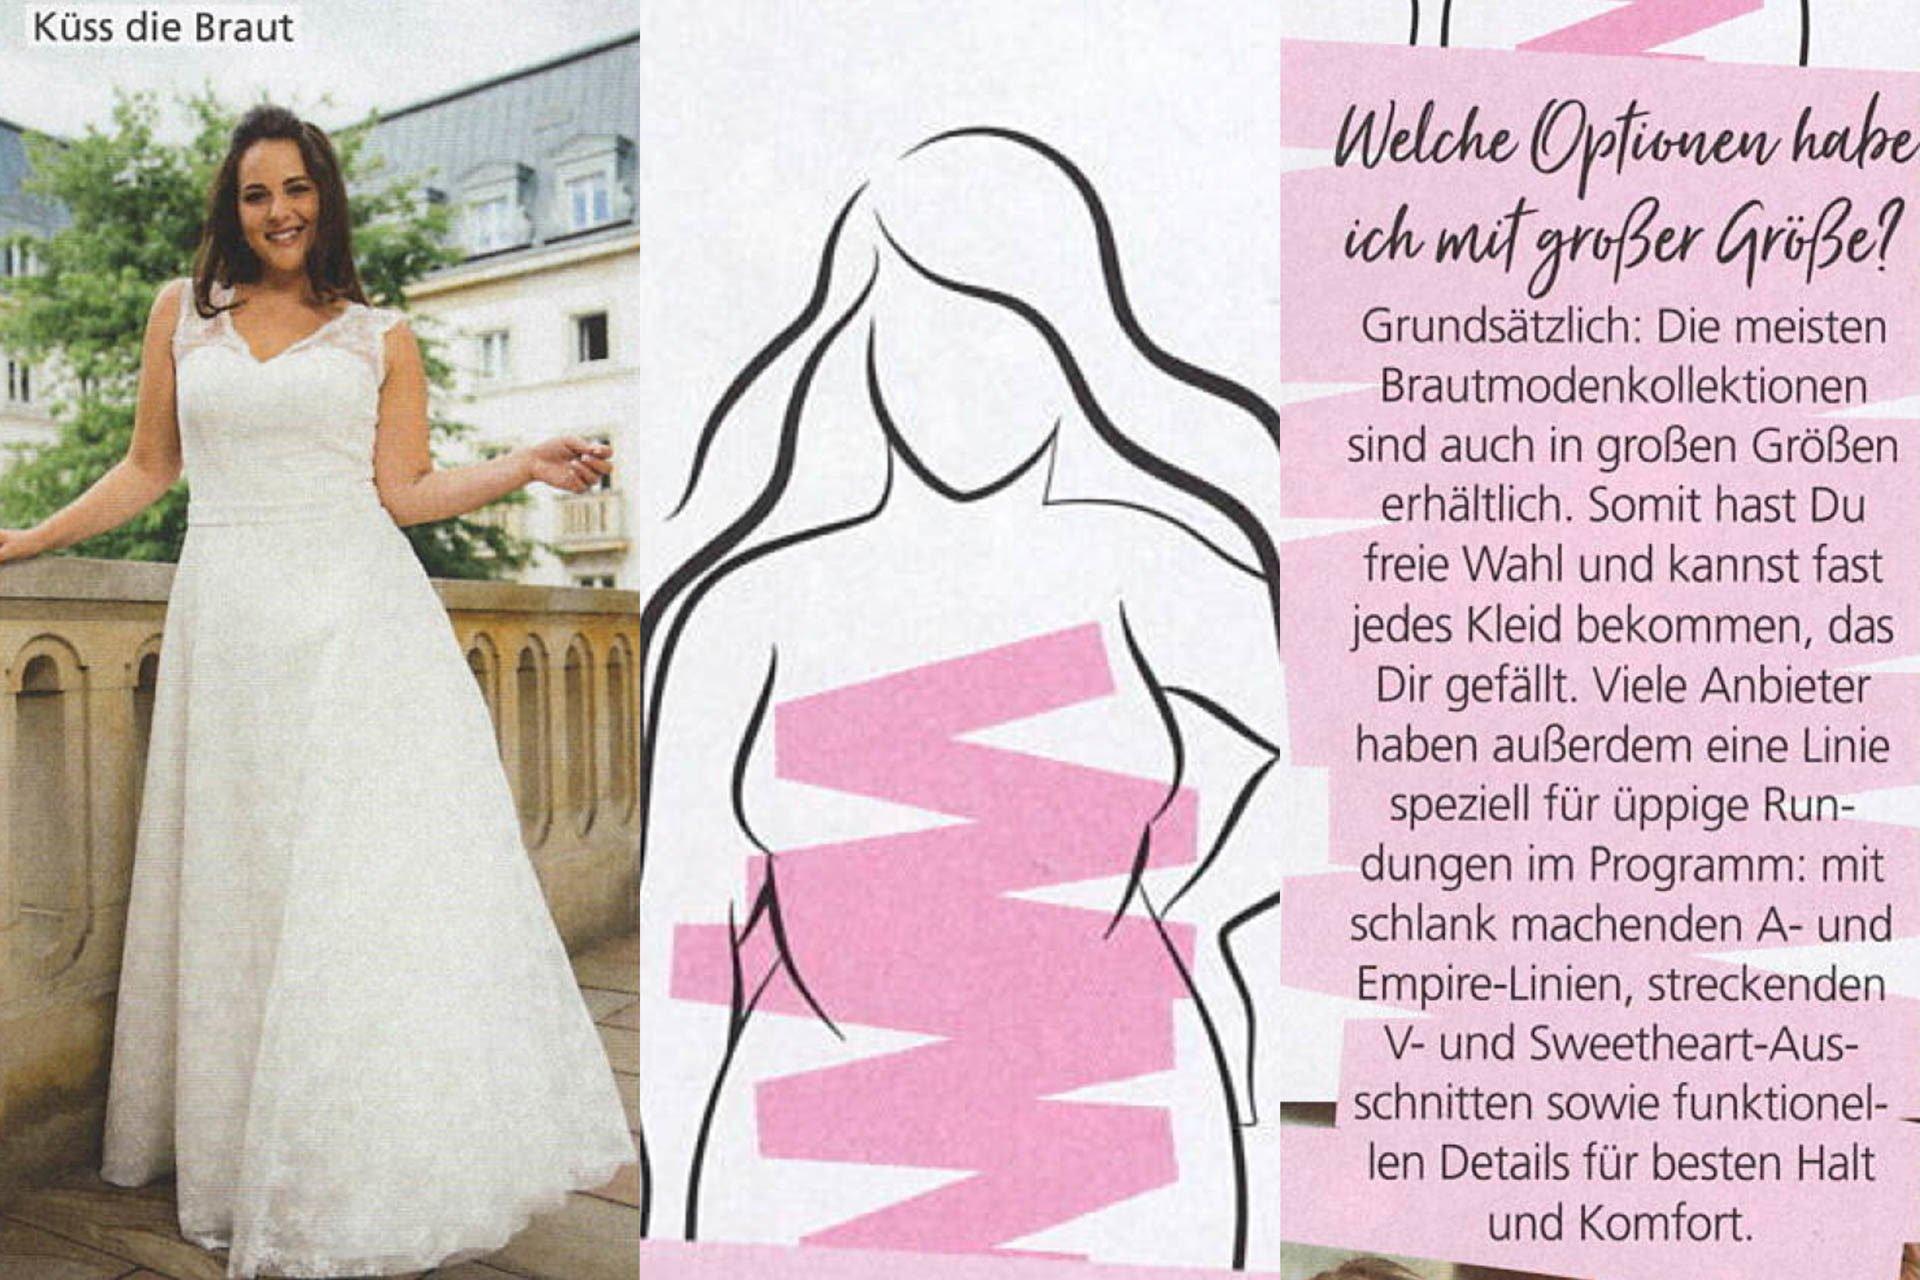 Hochzeitsplaner Magazin - Ratgeber große Größen